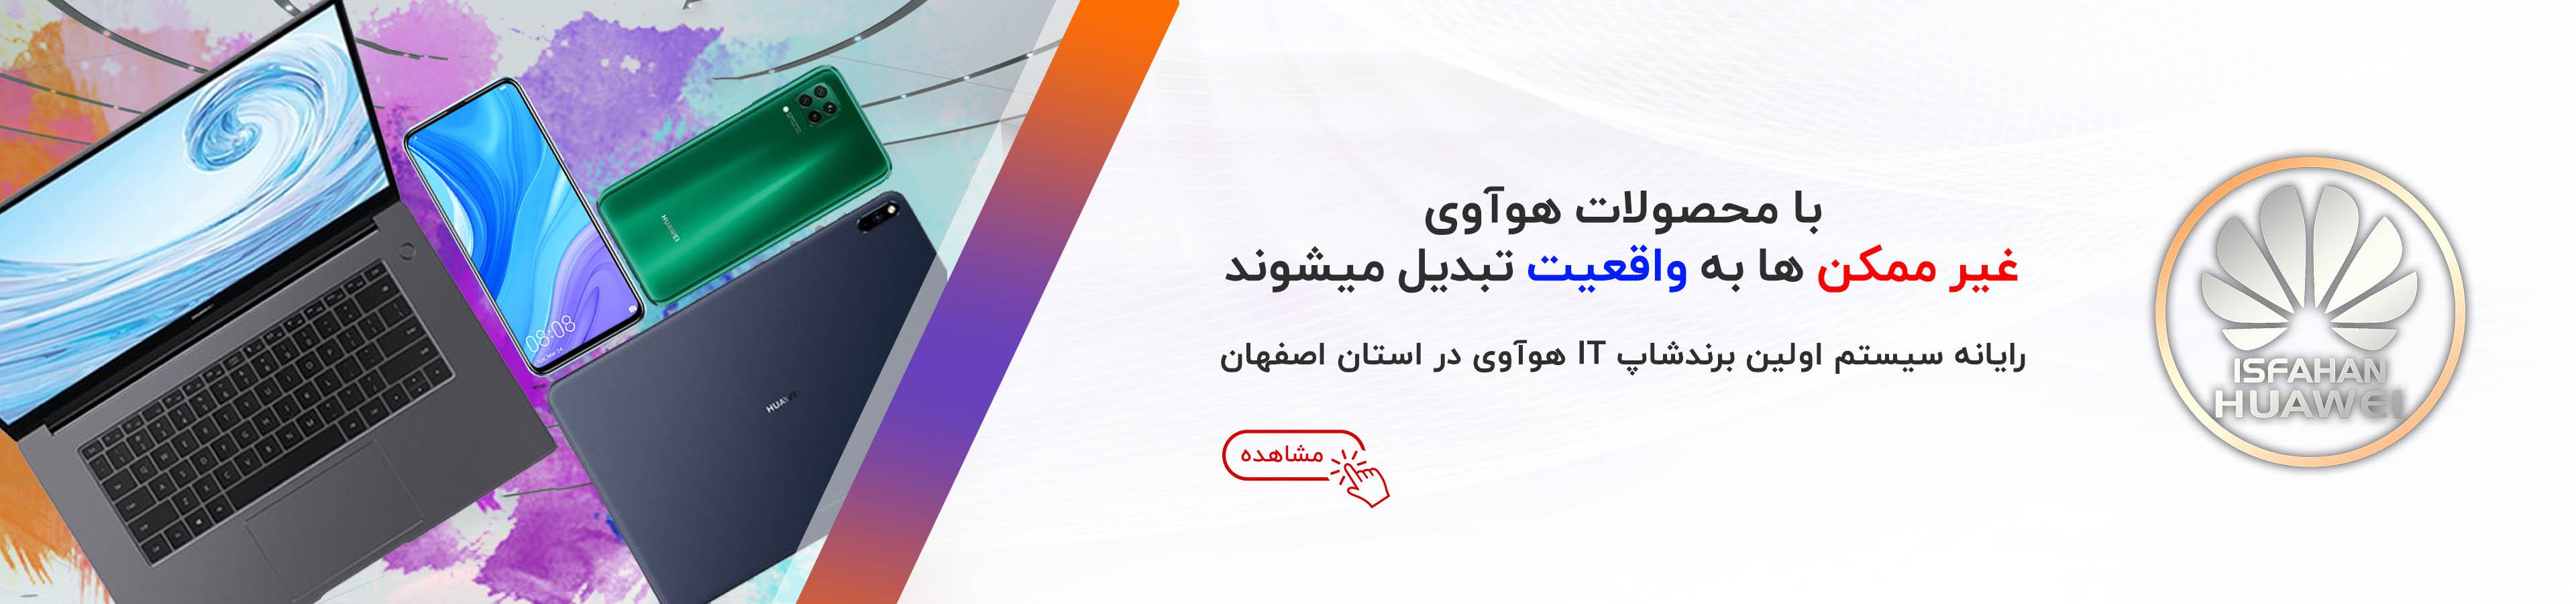 نمایندگی رسمی هوآوی در اصفهان